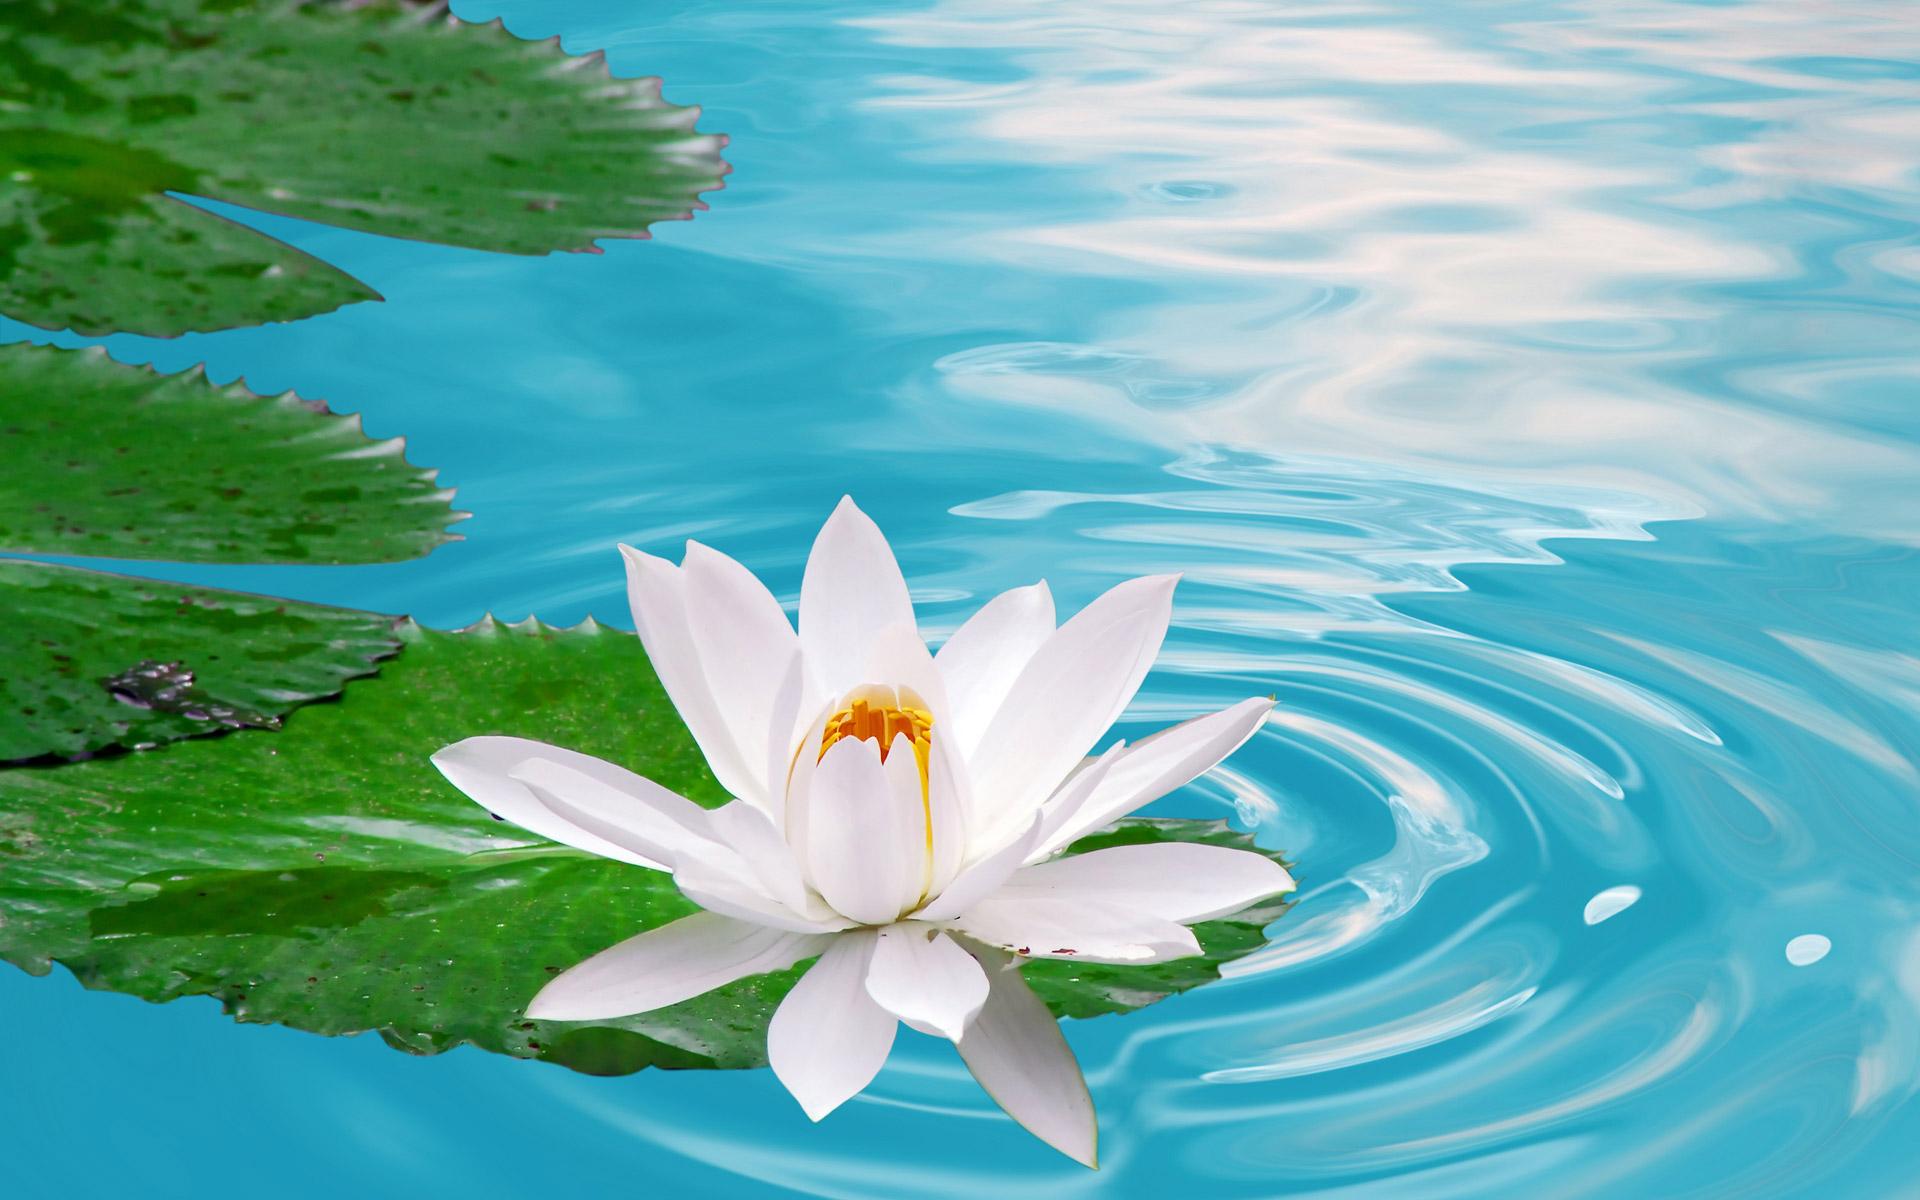 عکس هایی از گل زیبای نیلوفر گل نیلوفر